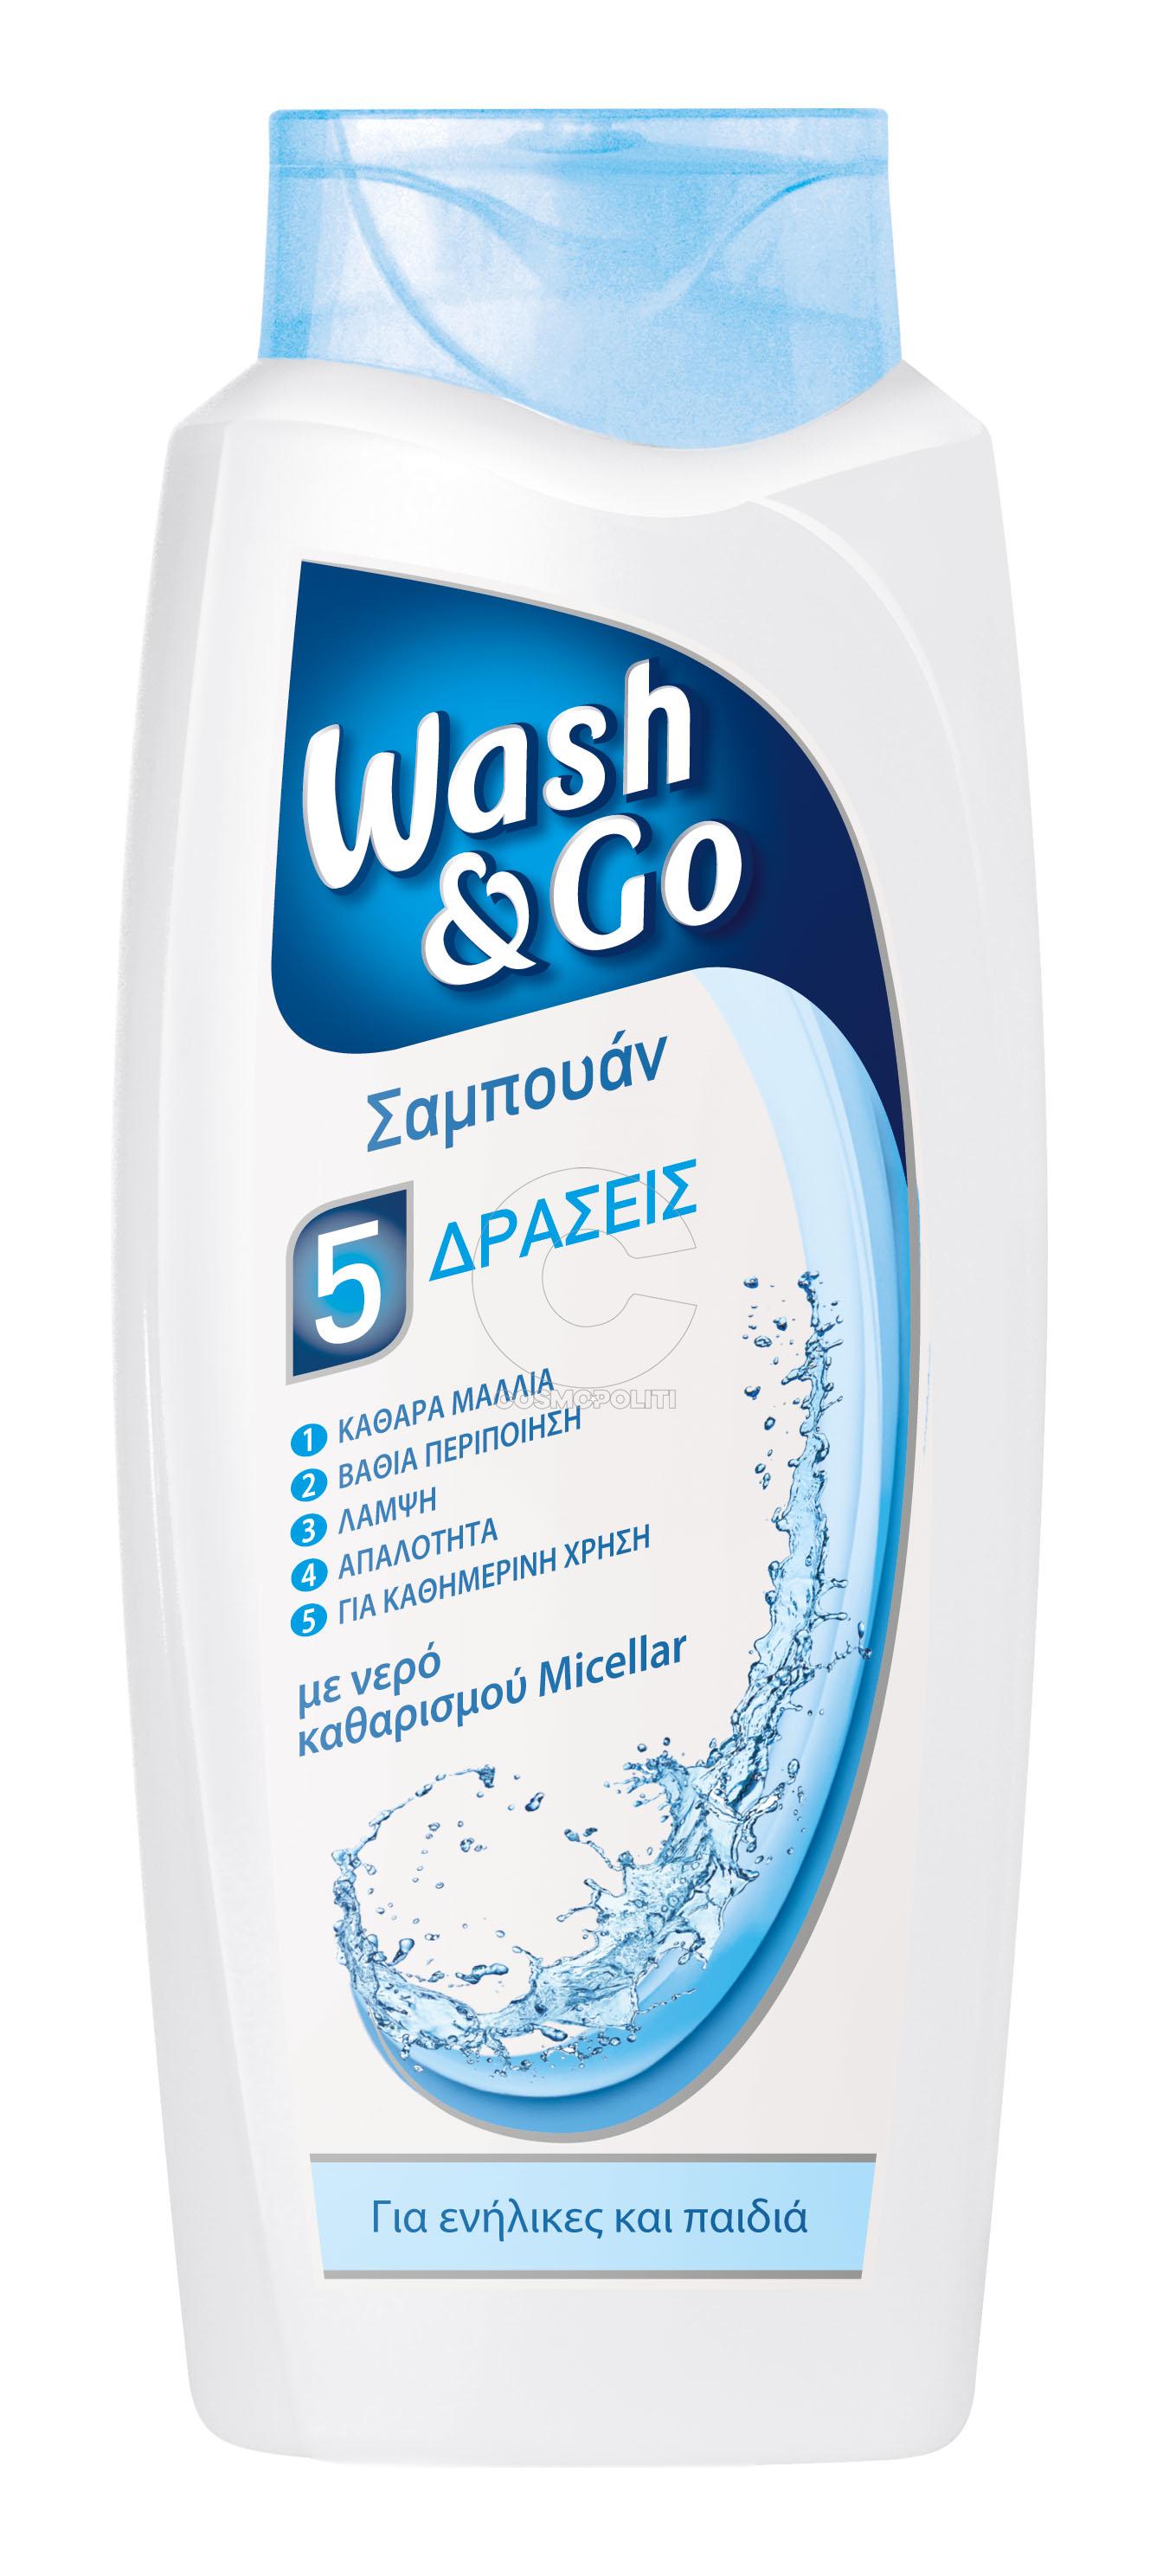 Wash_GoMicellarWatershampoo700gr